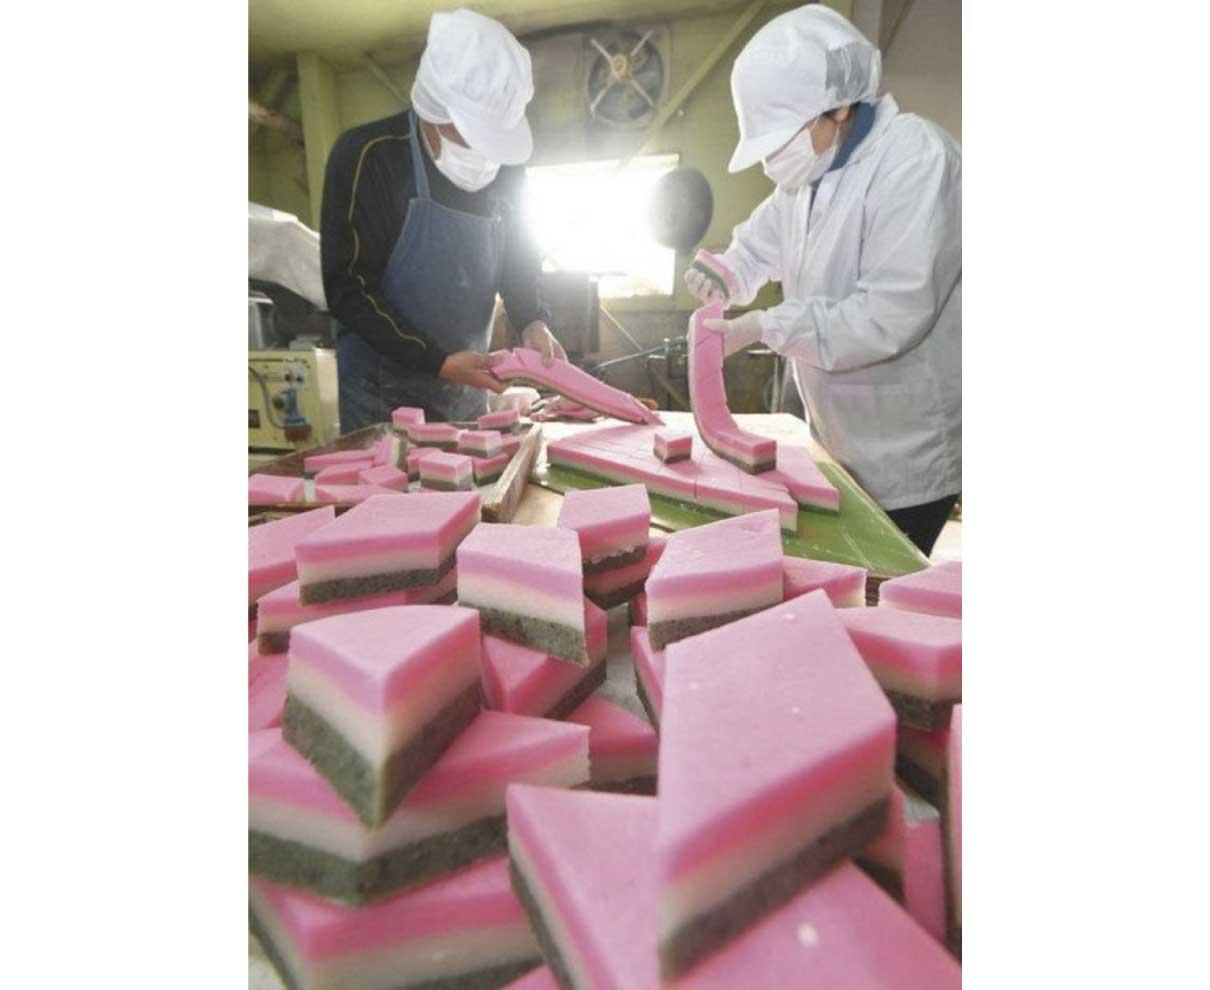 桃・白・緑、春の色表現 福井の小形米菓がひし餅作り